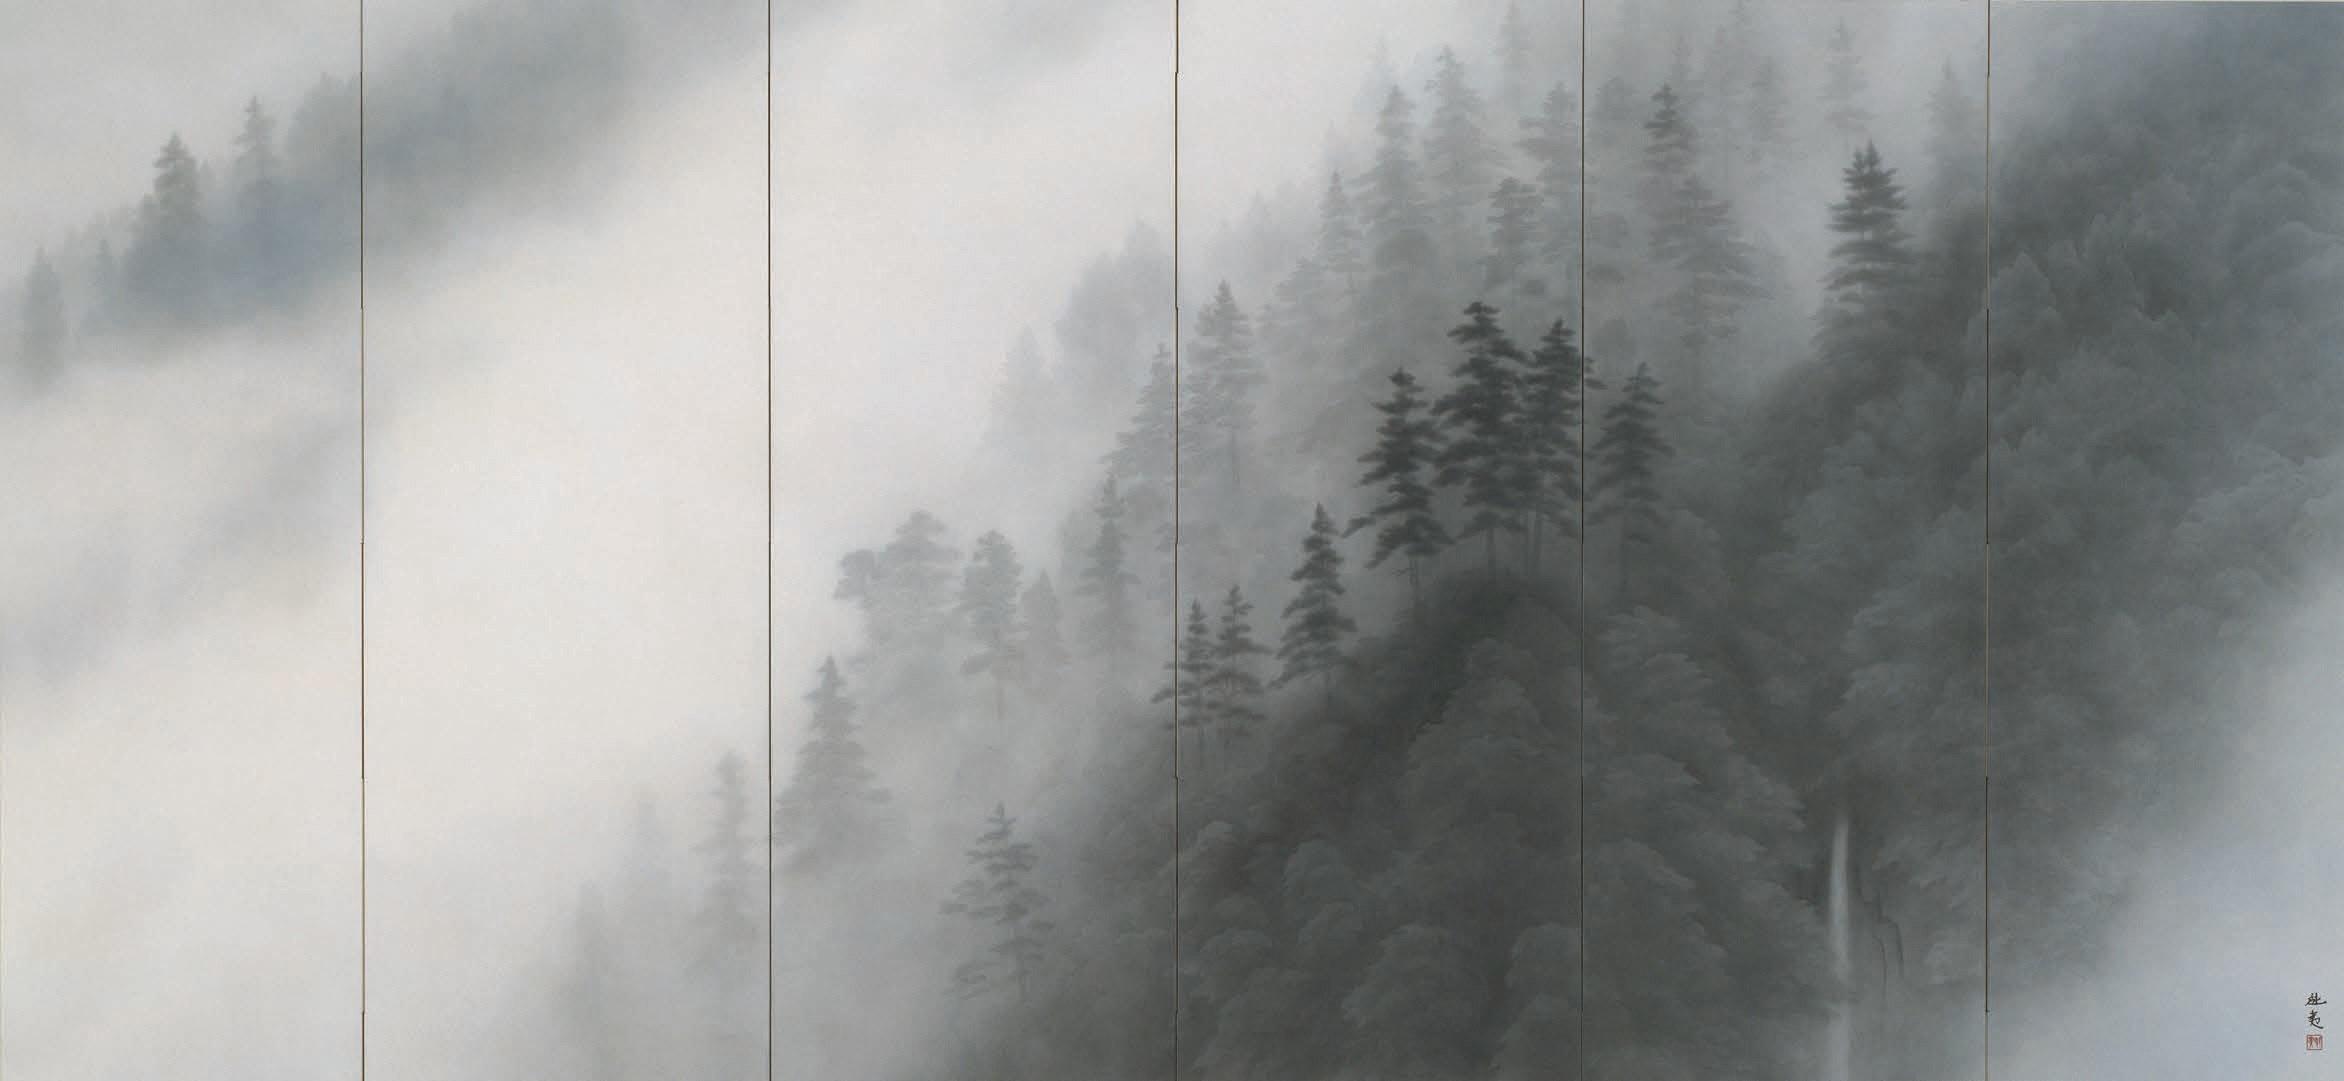 東山魁夷《山峡朝霧》 1983年 パナソニック株式会社蔵